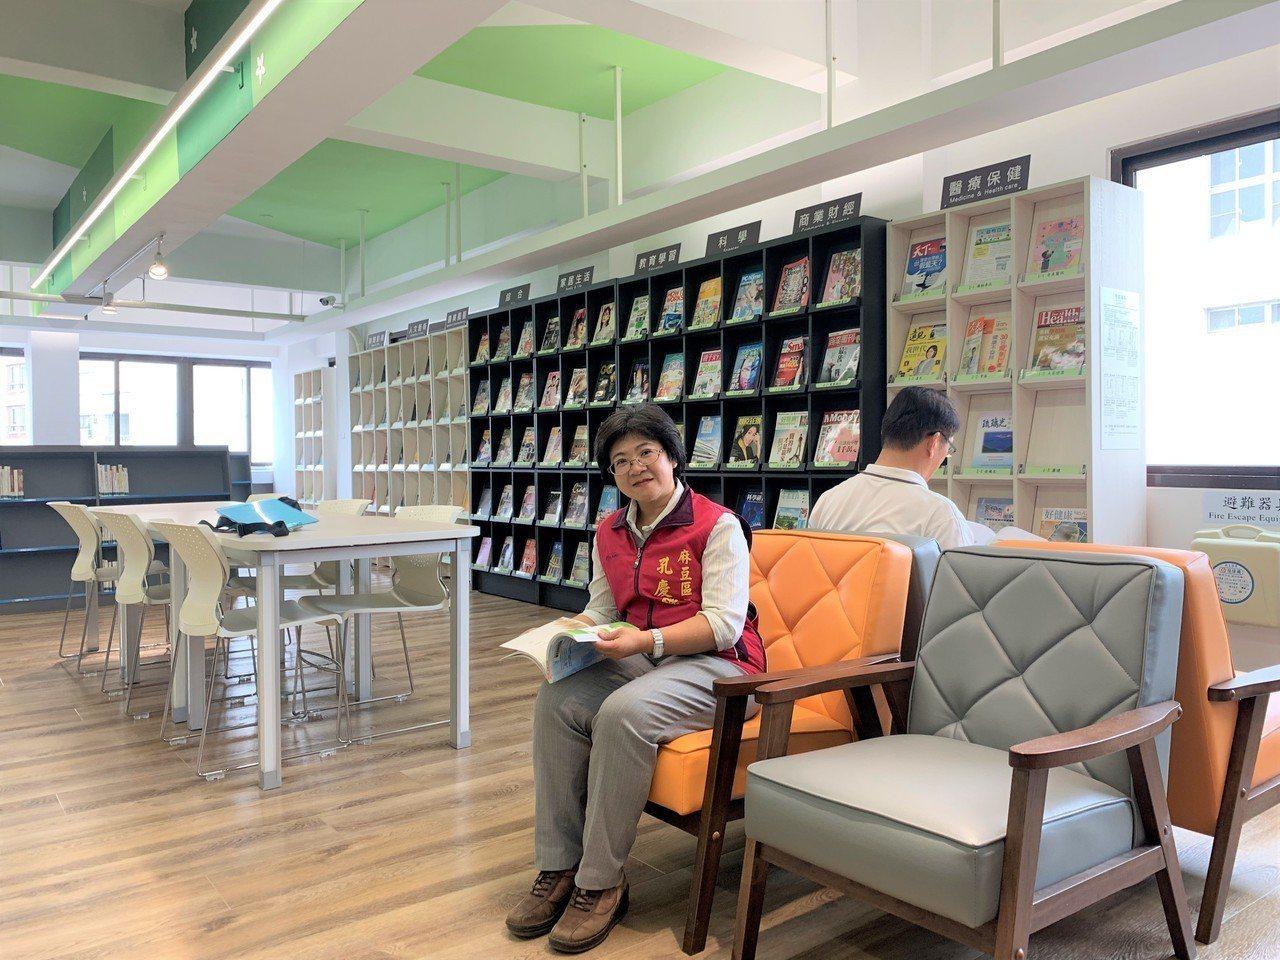 台南市麻豆區圖書館重新整修,提供市民誠品化的優質閱讀環境。記者吳淑玲/攝影